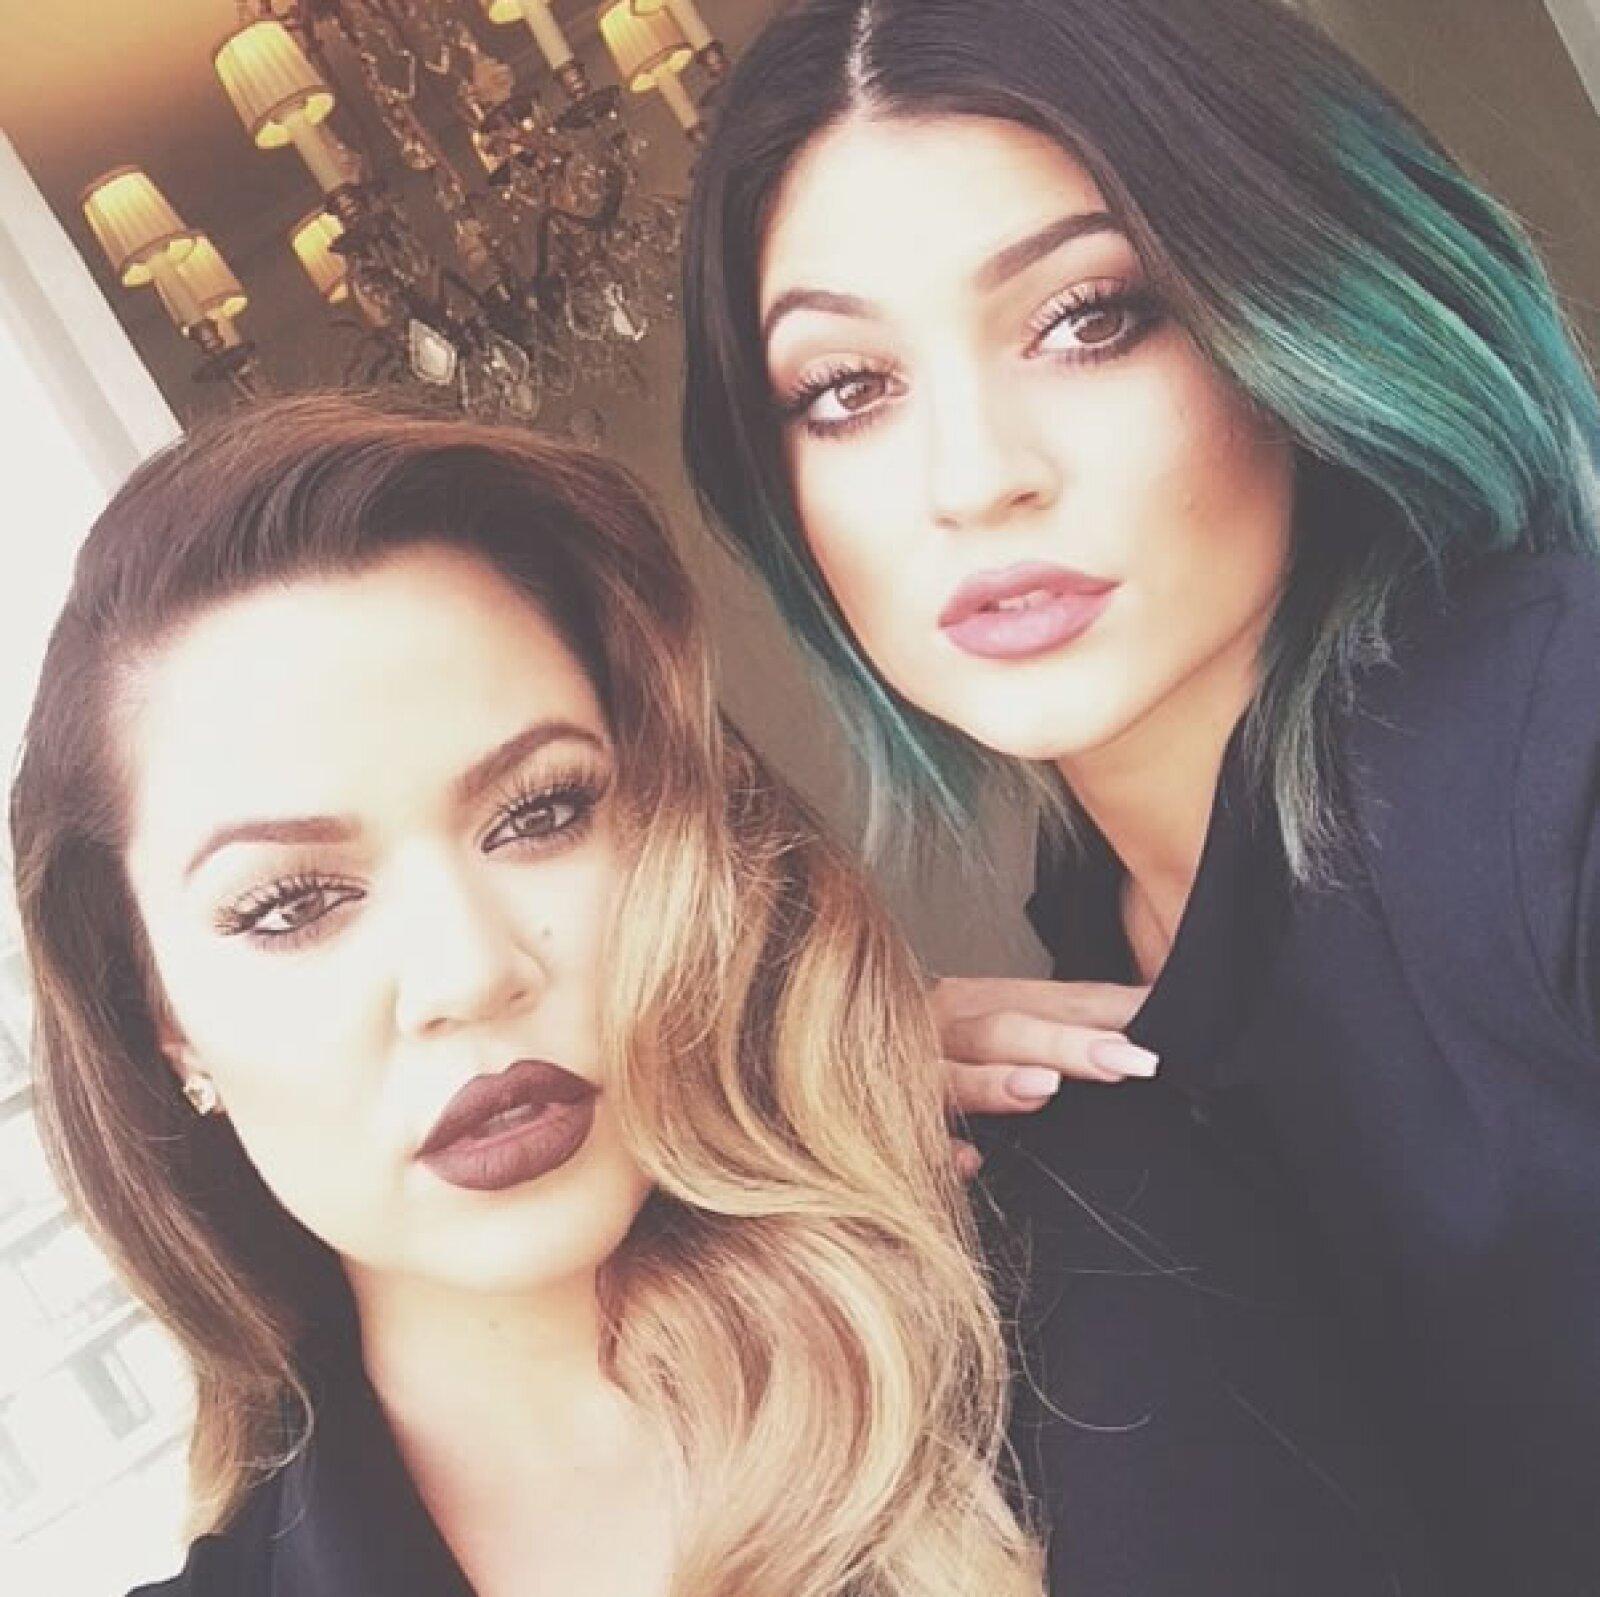 A su hermana Khloe también se le nota un abultado anormal en los labios.